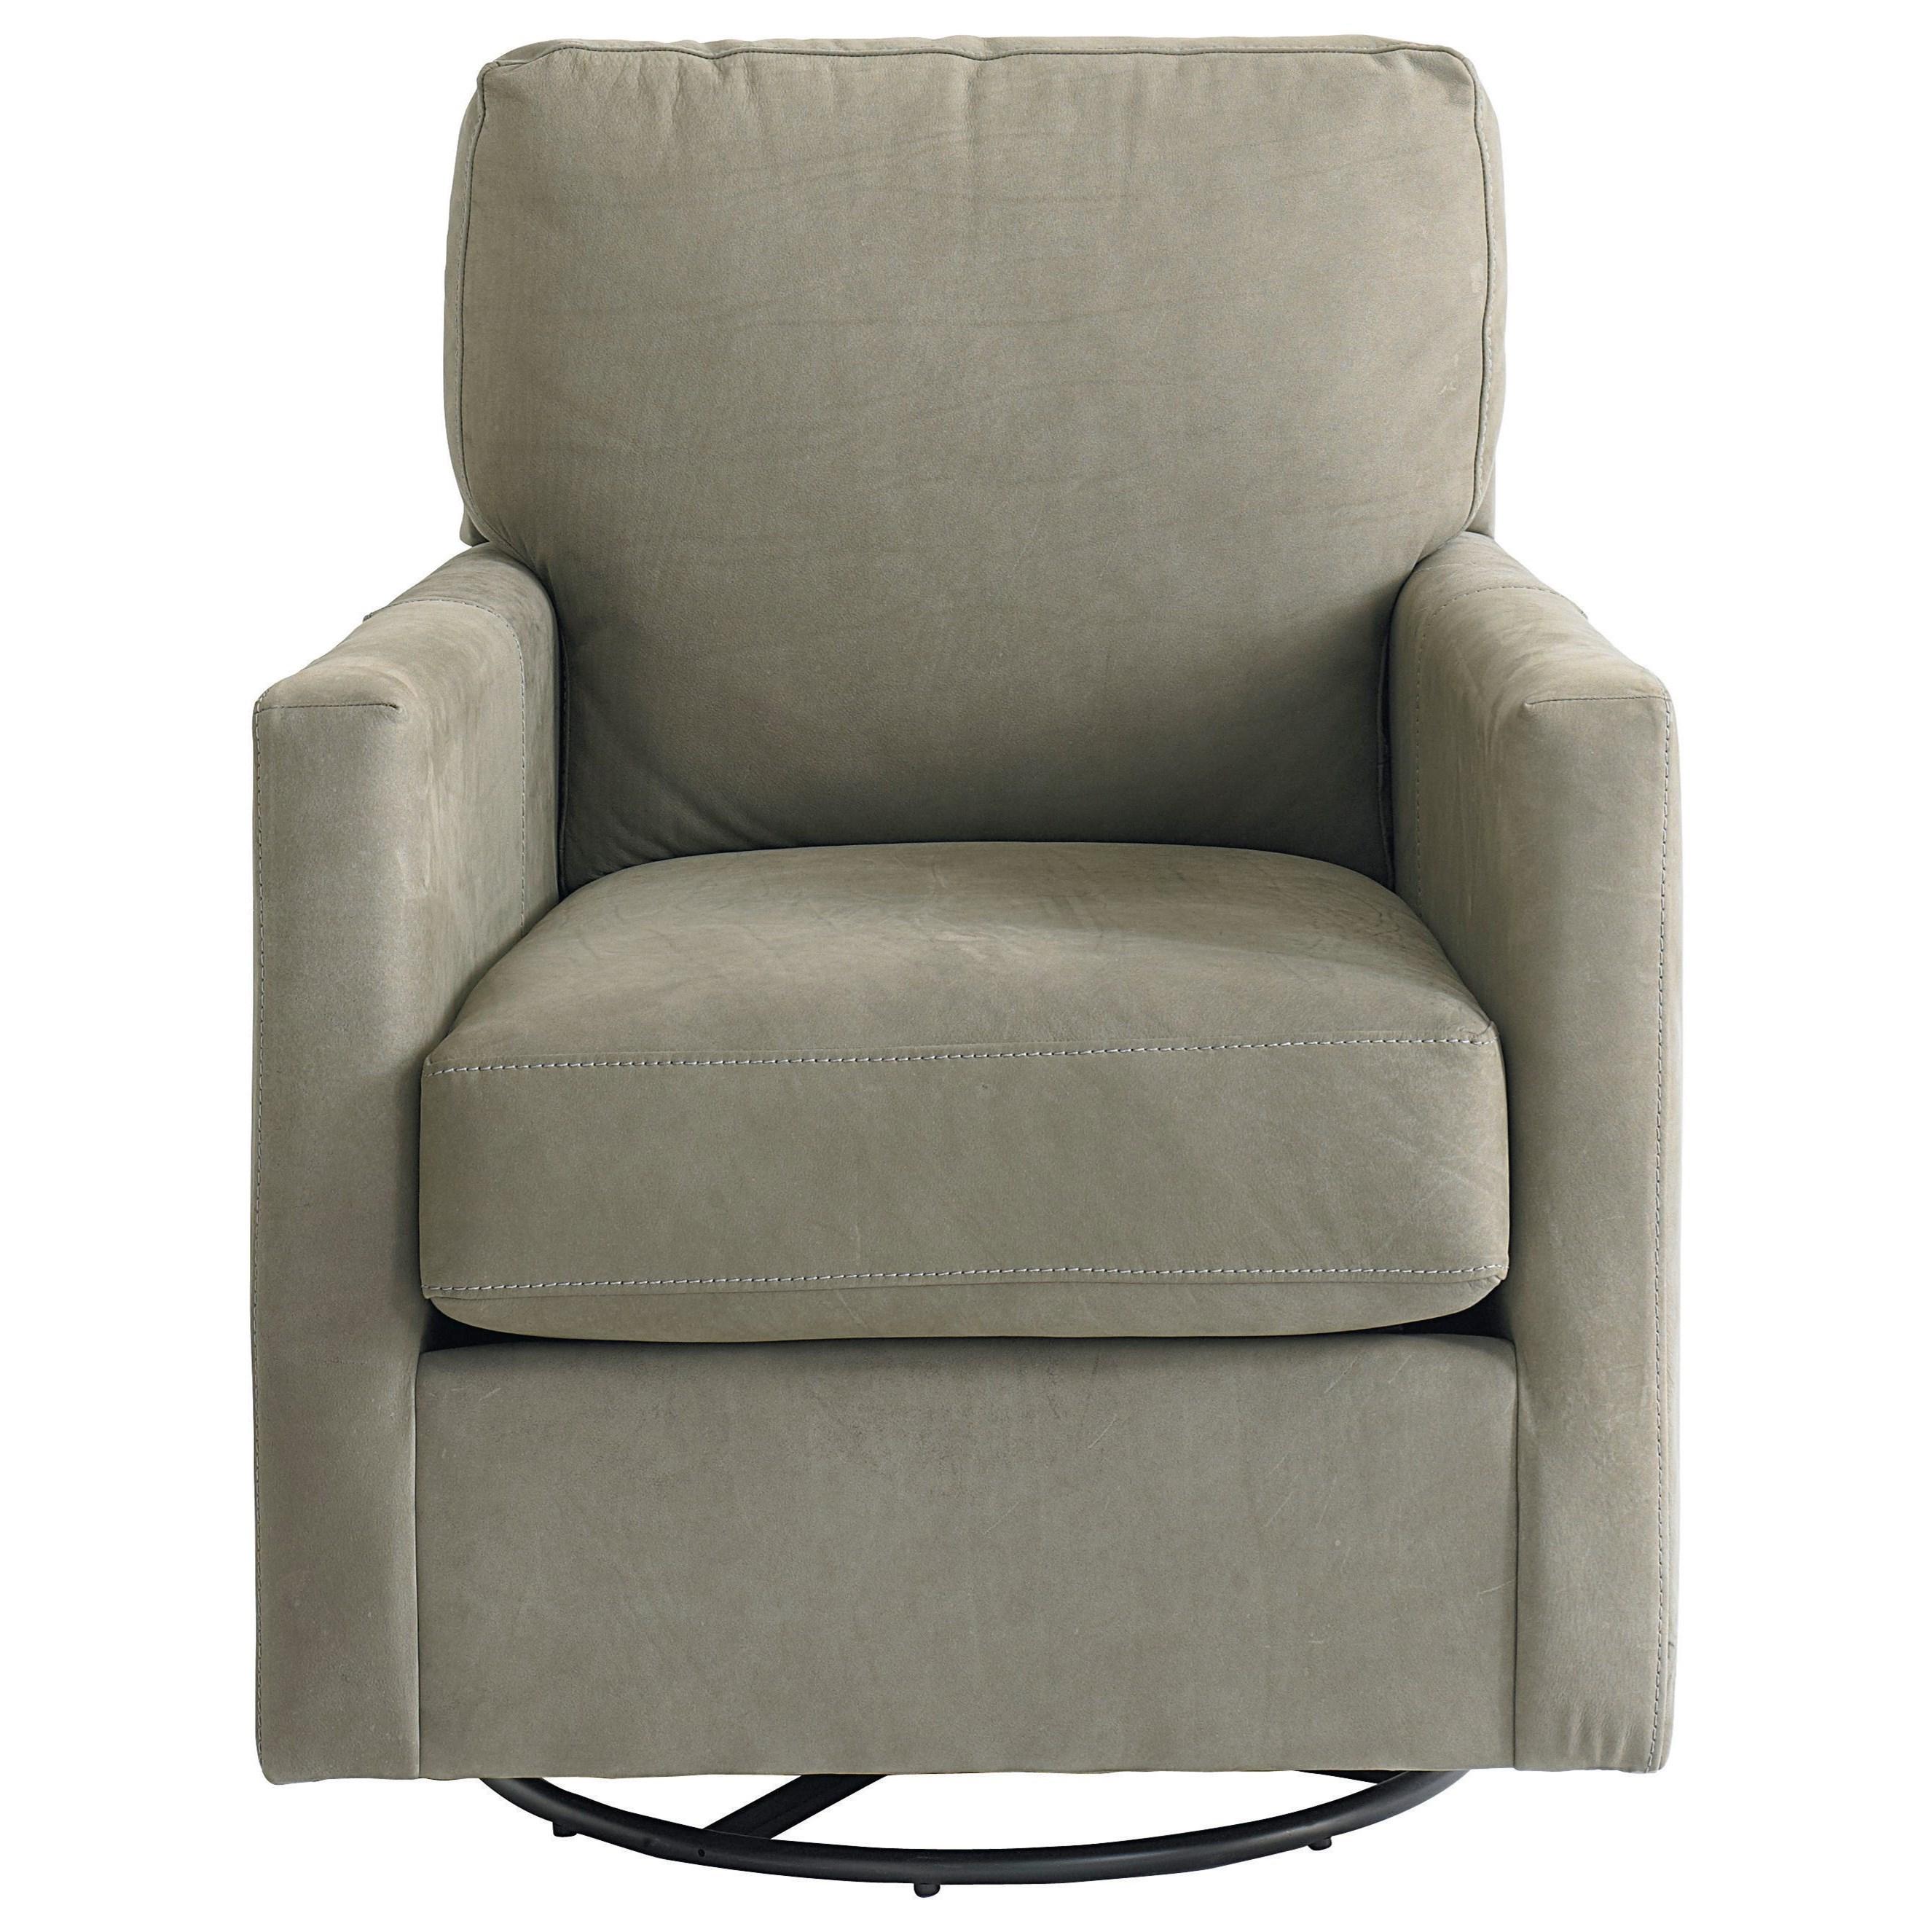 Trent Swivel Glider Chair by Bassett at Bassett of Cool Springs